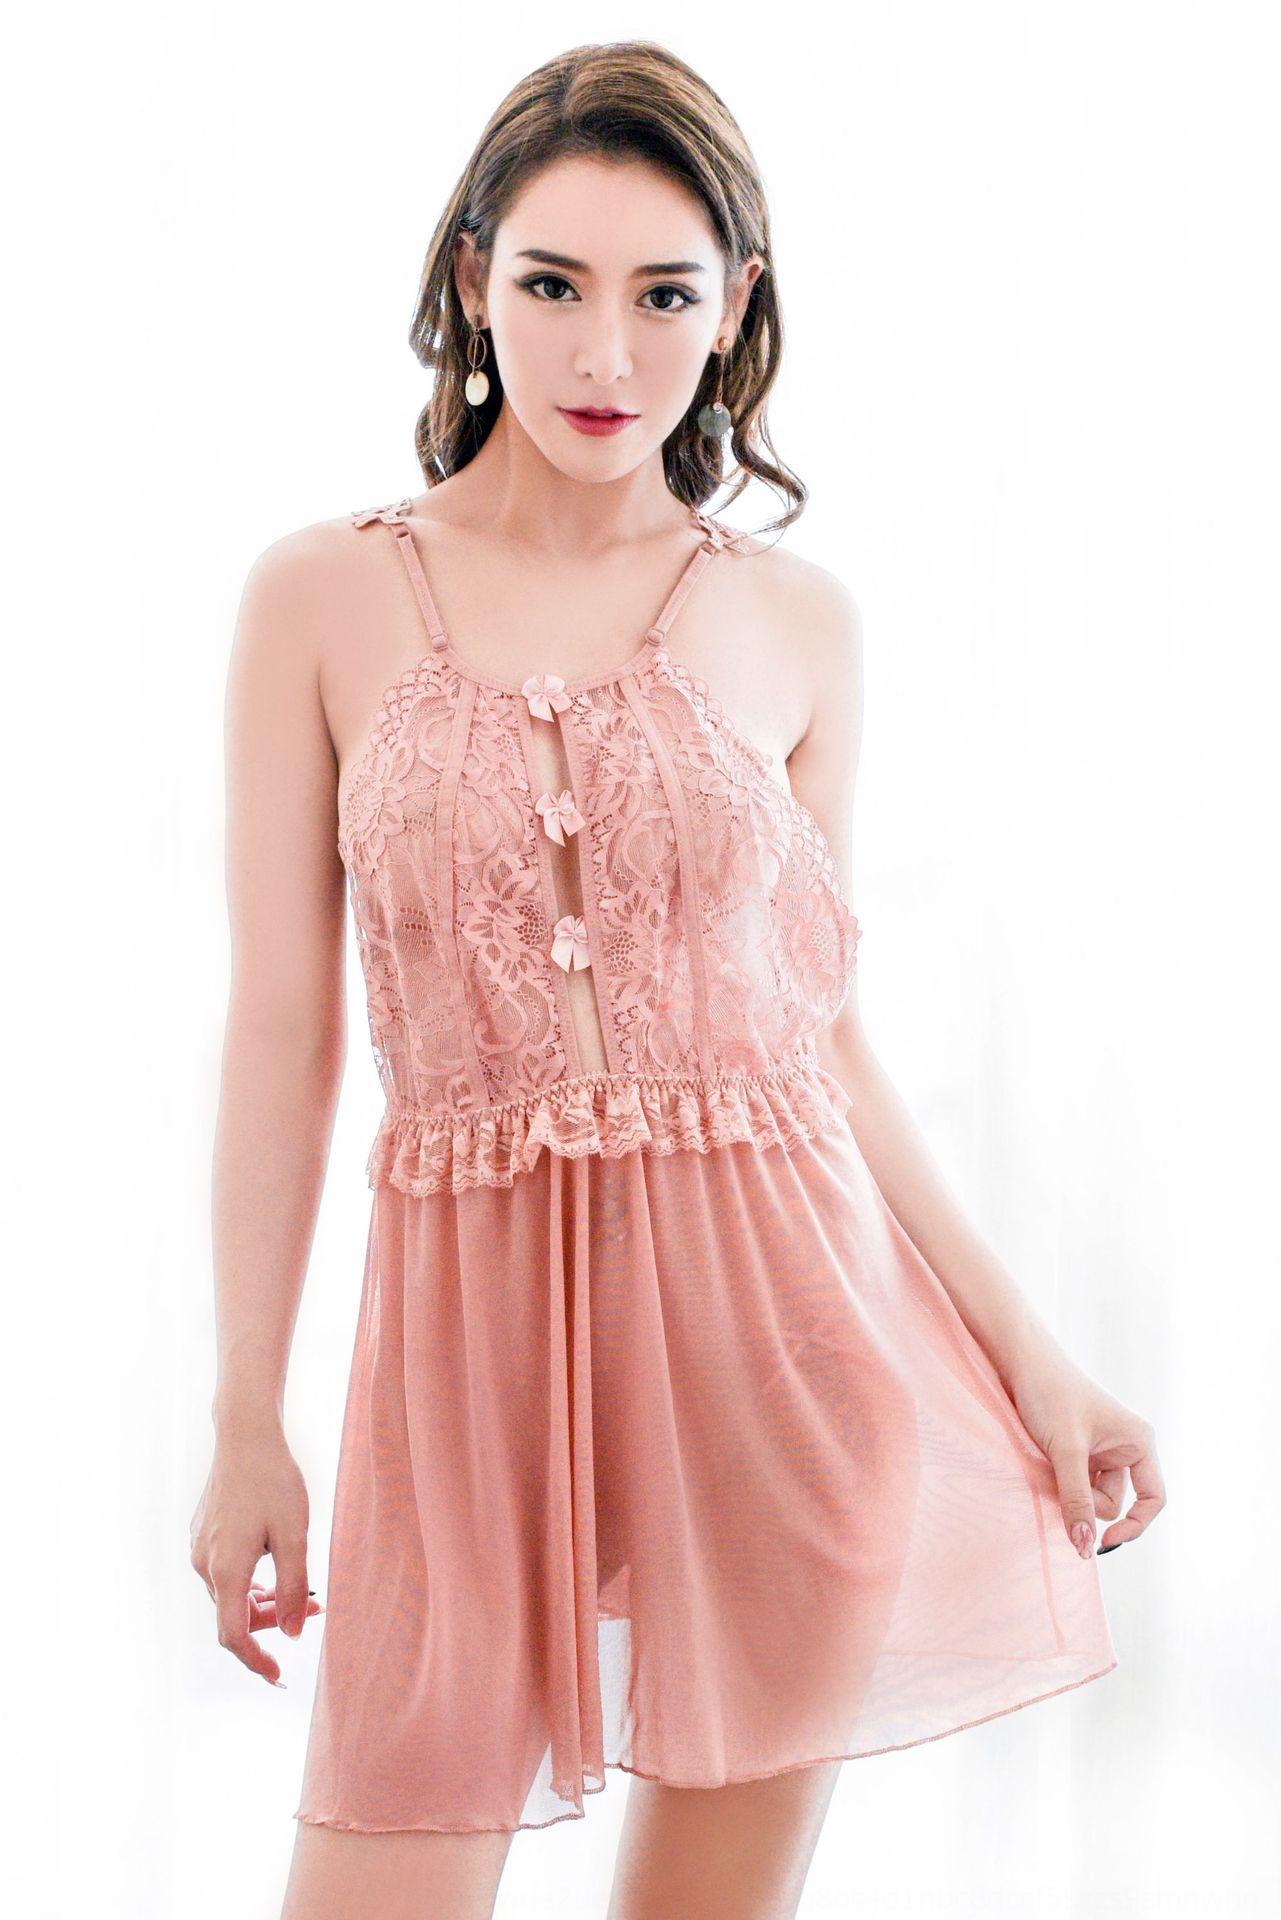 Ropa interior atractiva quema adulta atractiva transparente honda de los pijamas de las mujeres de la ropa interior pijamas camisón de malla de liga 8258 rn4Ul